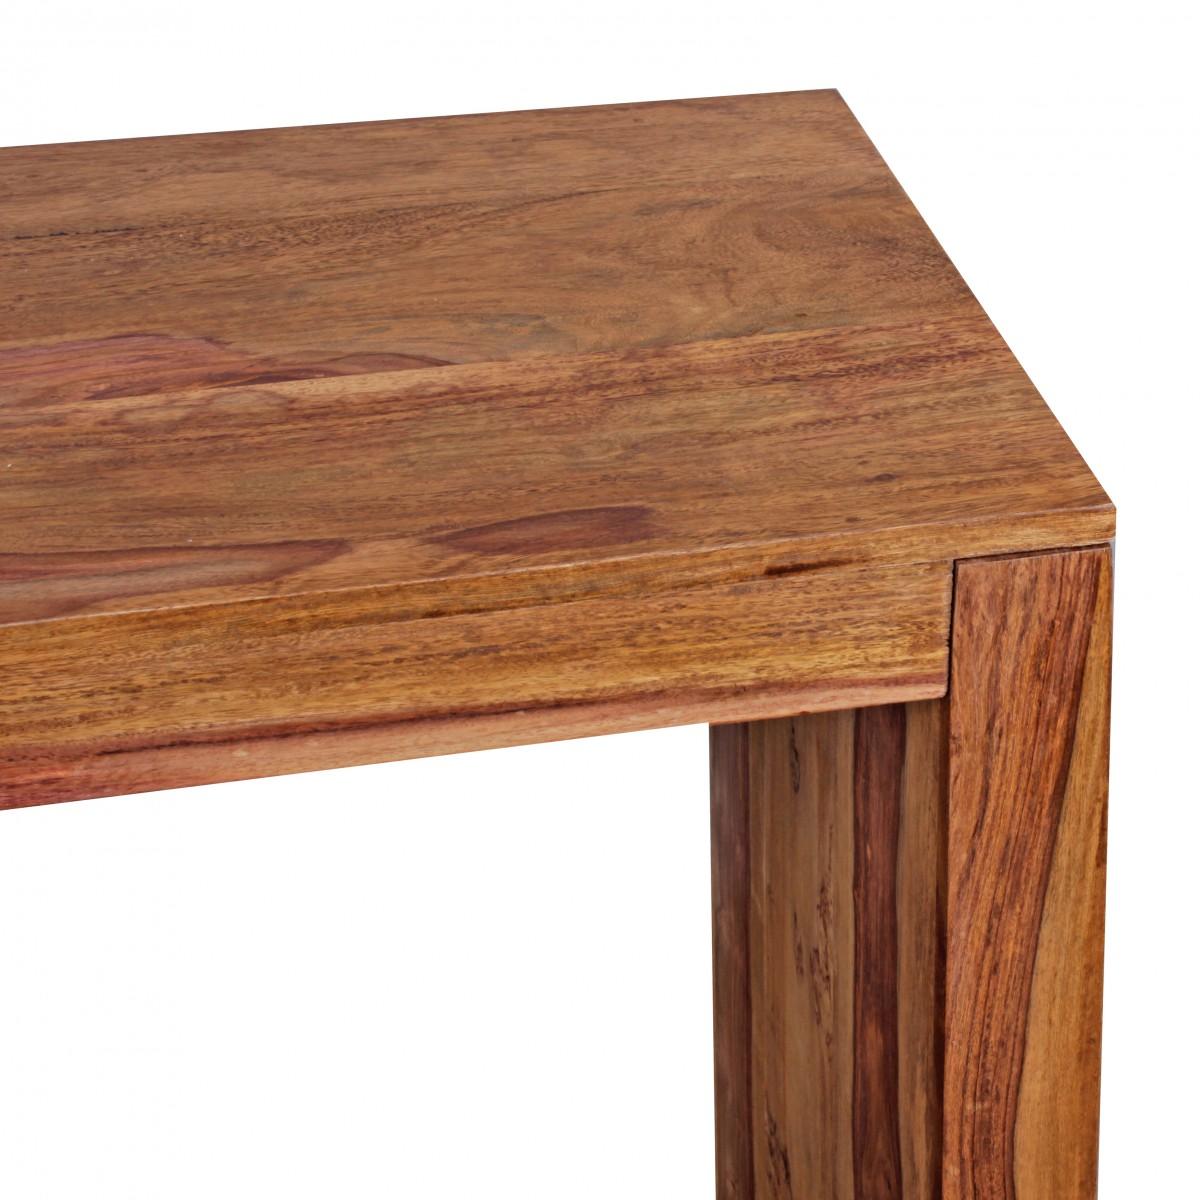 wohnling konsolentisch massivholz design konsole schreibtisch 115 x 40 cm landhaus stil arbeits. Black Bedroom Furniture Sets. Home Design Ideas